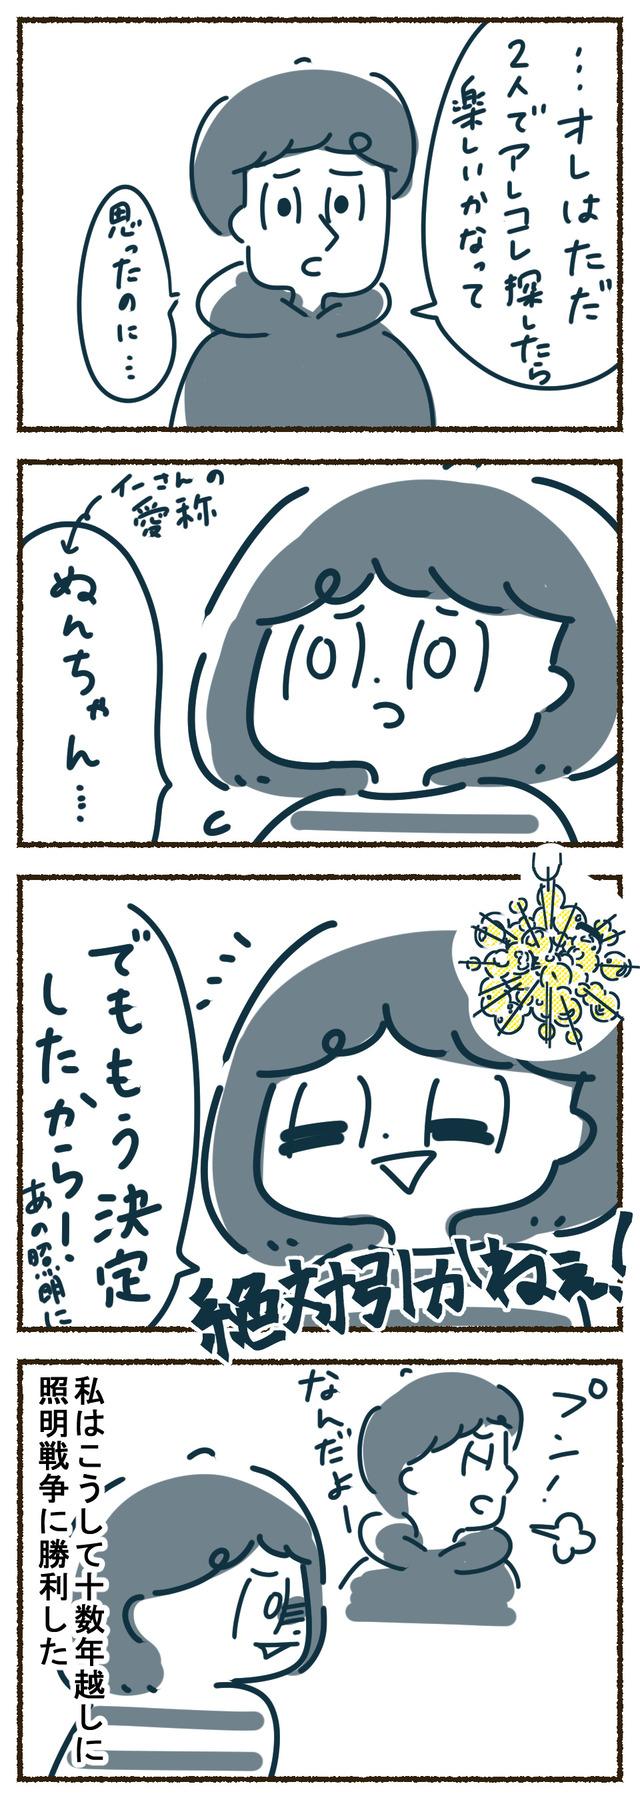 syomeisensou10